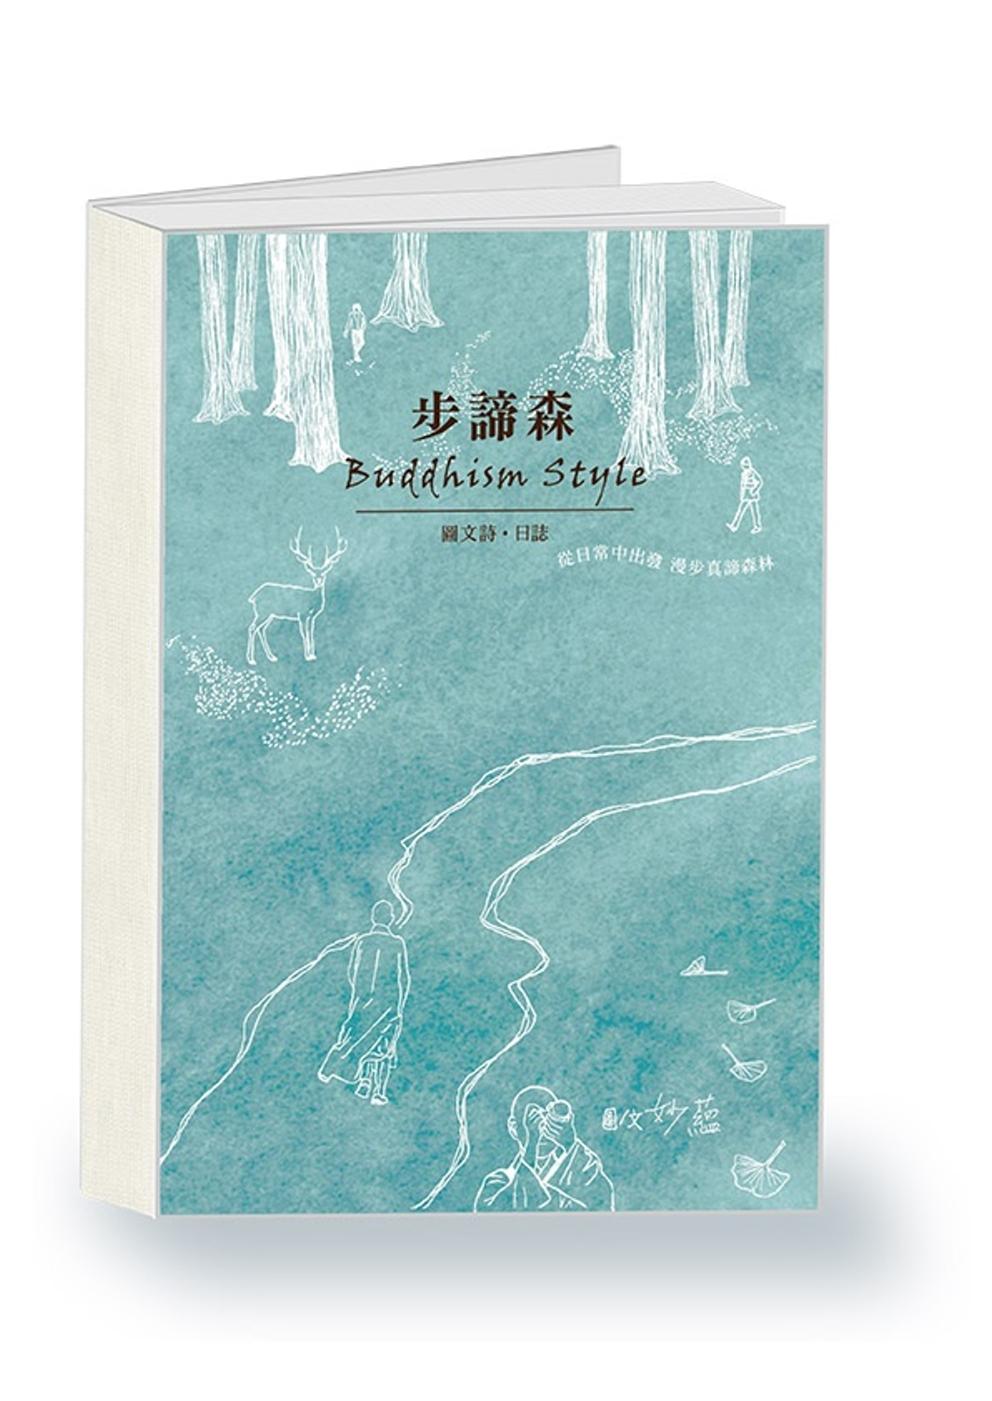 步諦森 Buddhism Style 圖文詩‧日誌